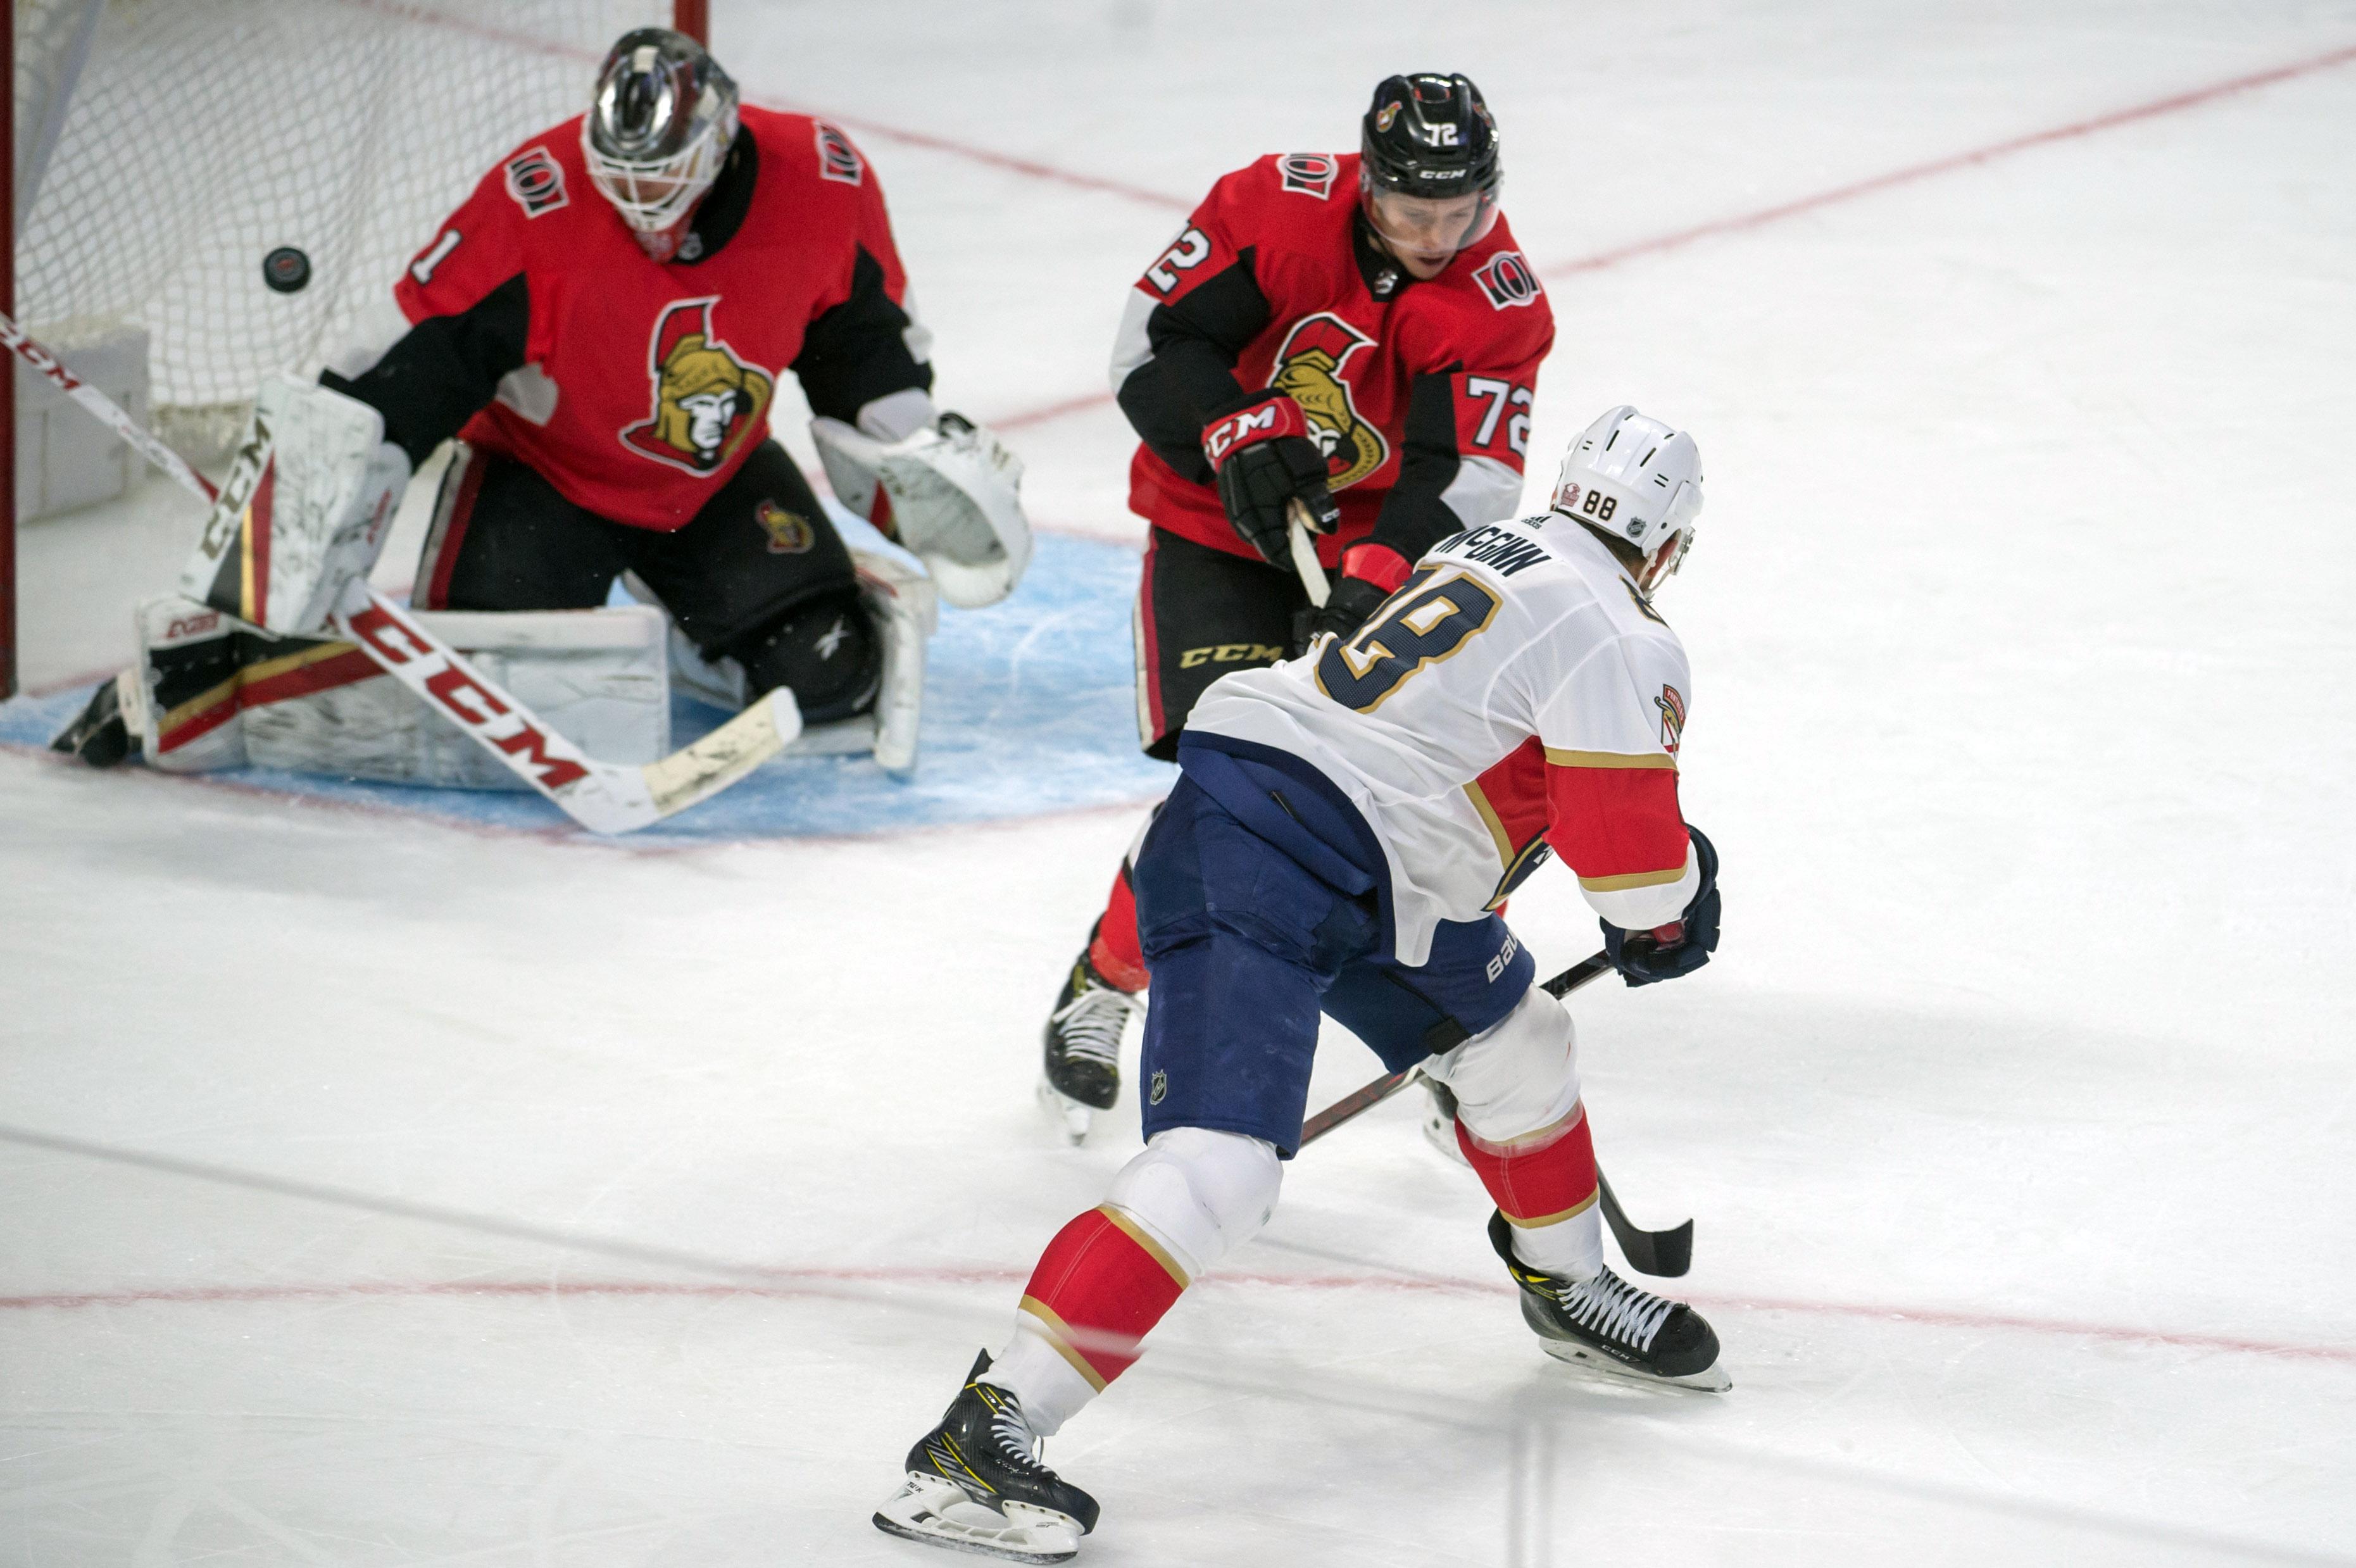 NHL: Florida Panthers at Ottawa Senators